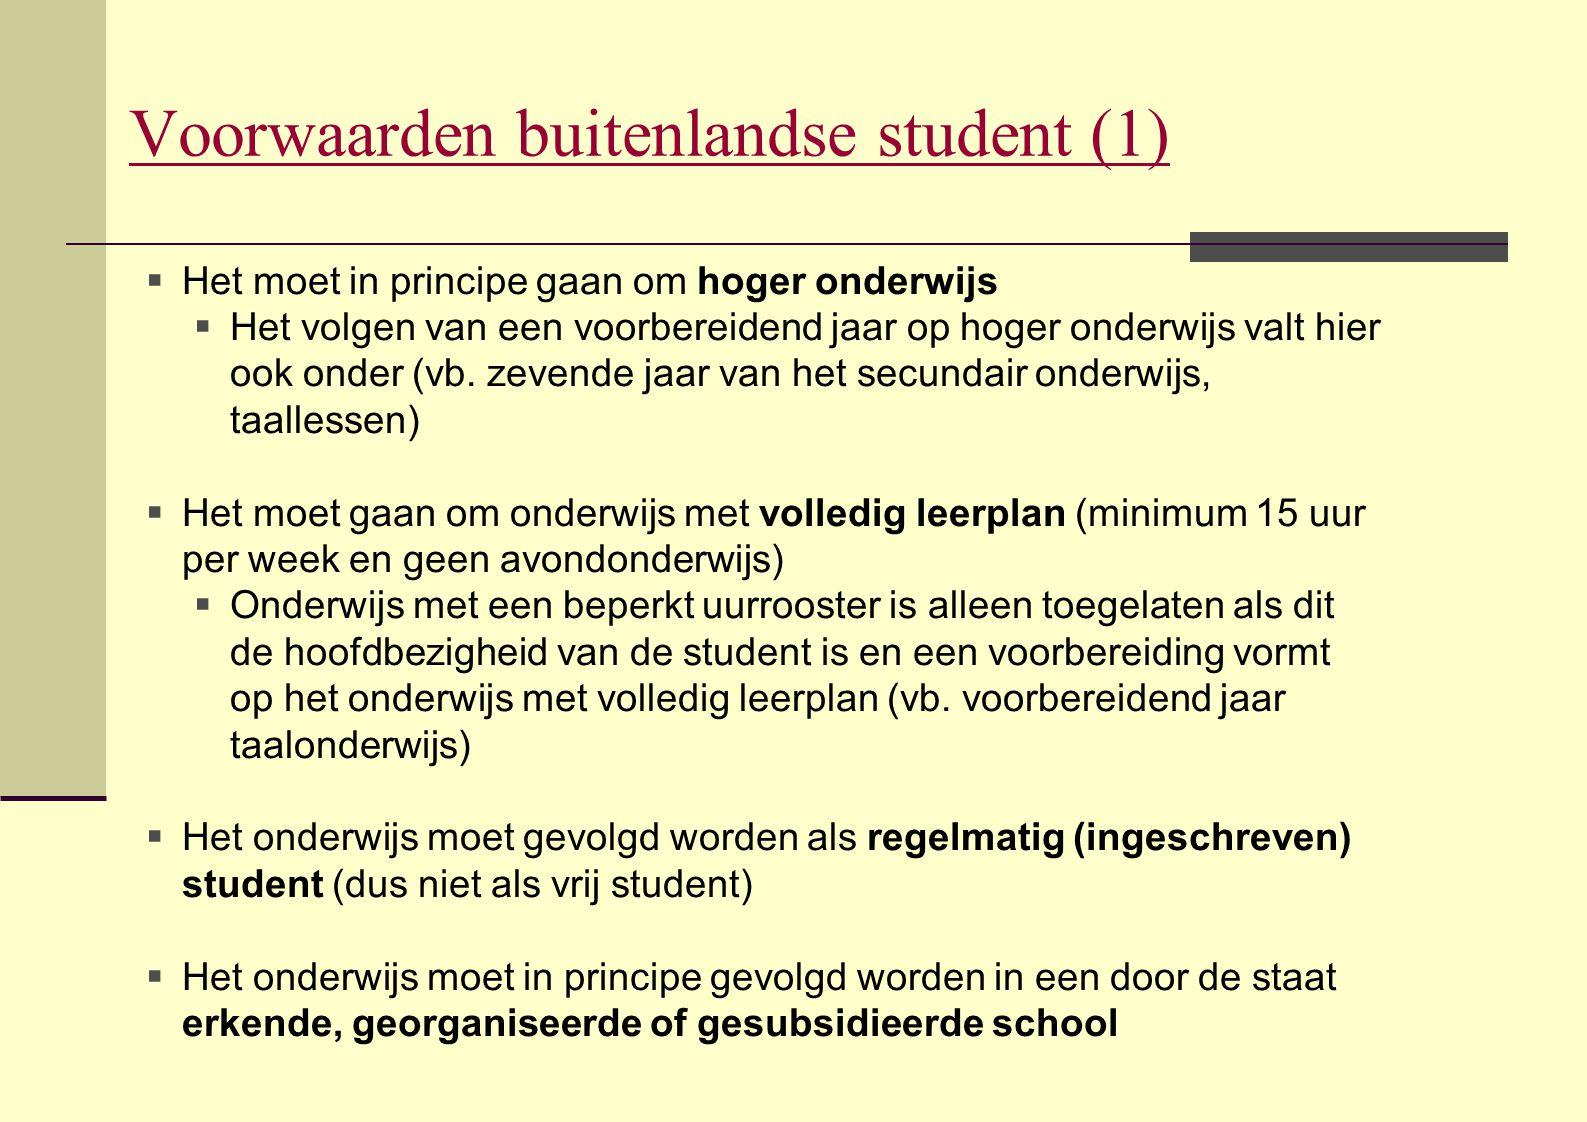 Voorwaarden buitenlandse student (1)